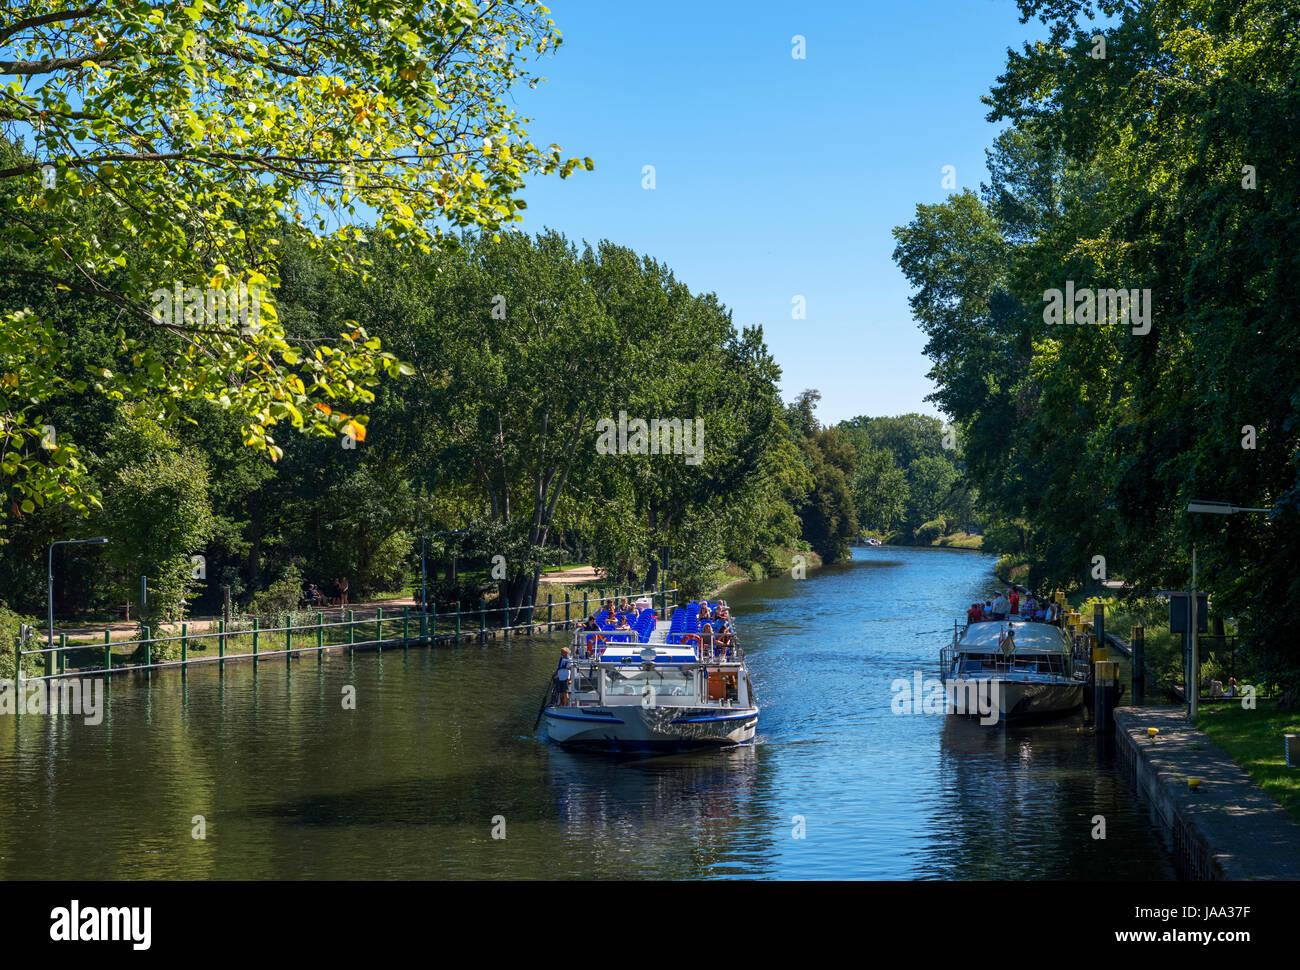 Bateau de croisière sur le canal Landwehr dans le Tiergarten, Berlin, Allemagne Photo Stock